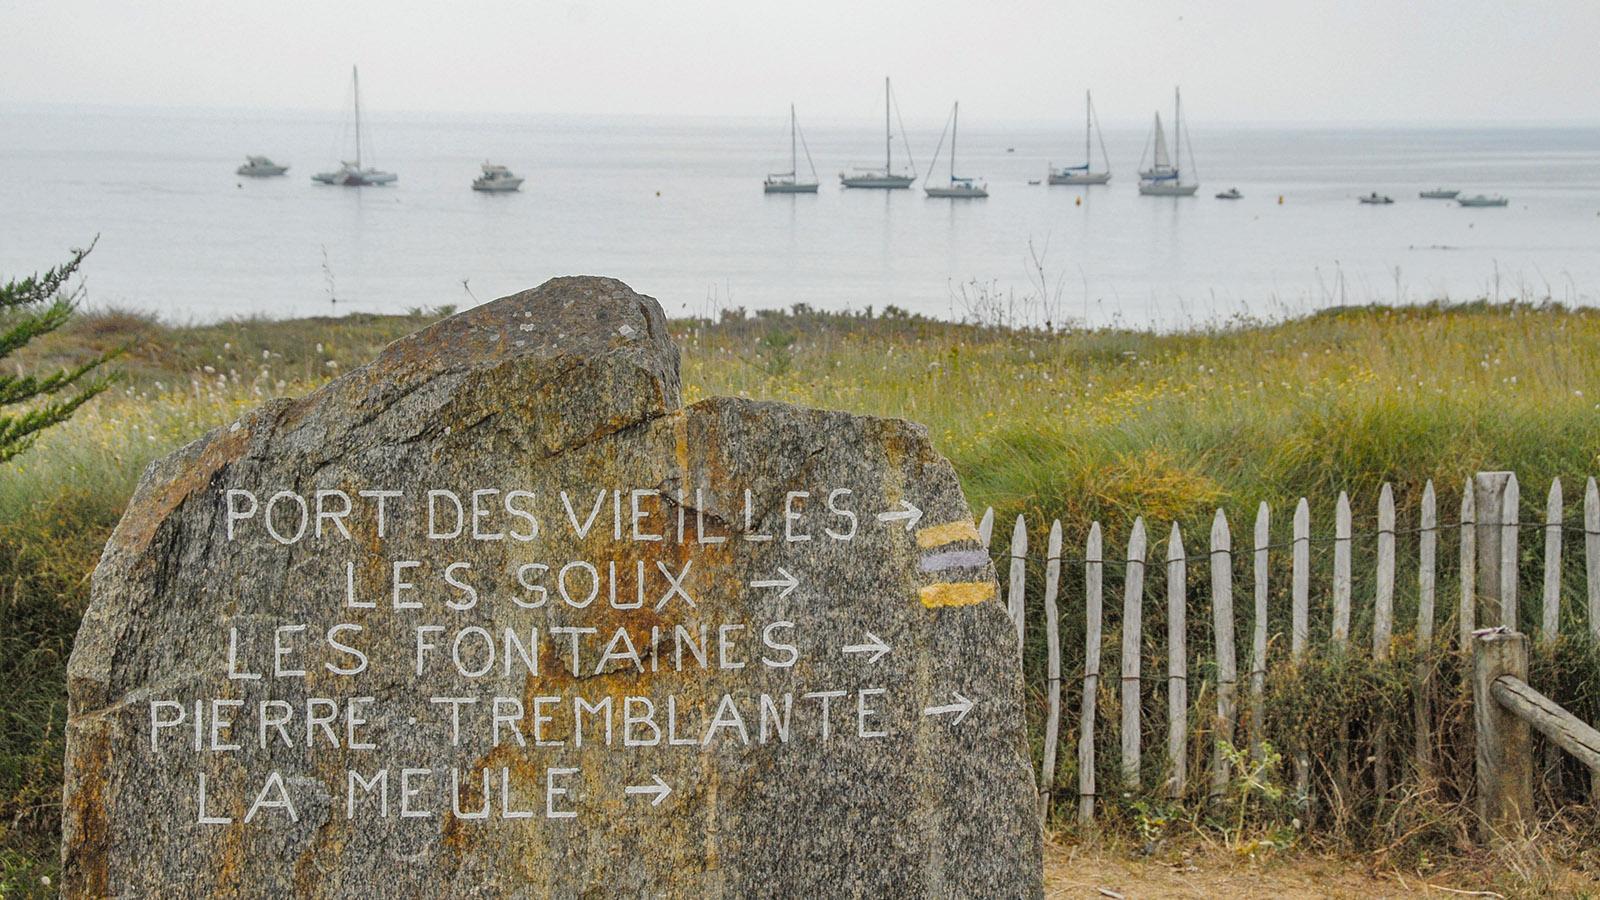 Île d'Yeu: Côte Sauvage: Plage des Vieilles. Foto: Hilke Maunder